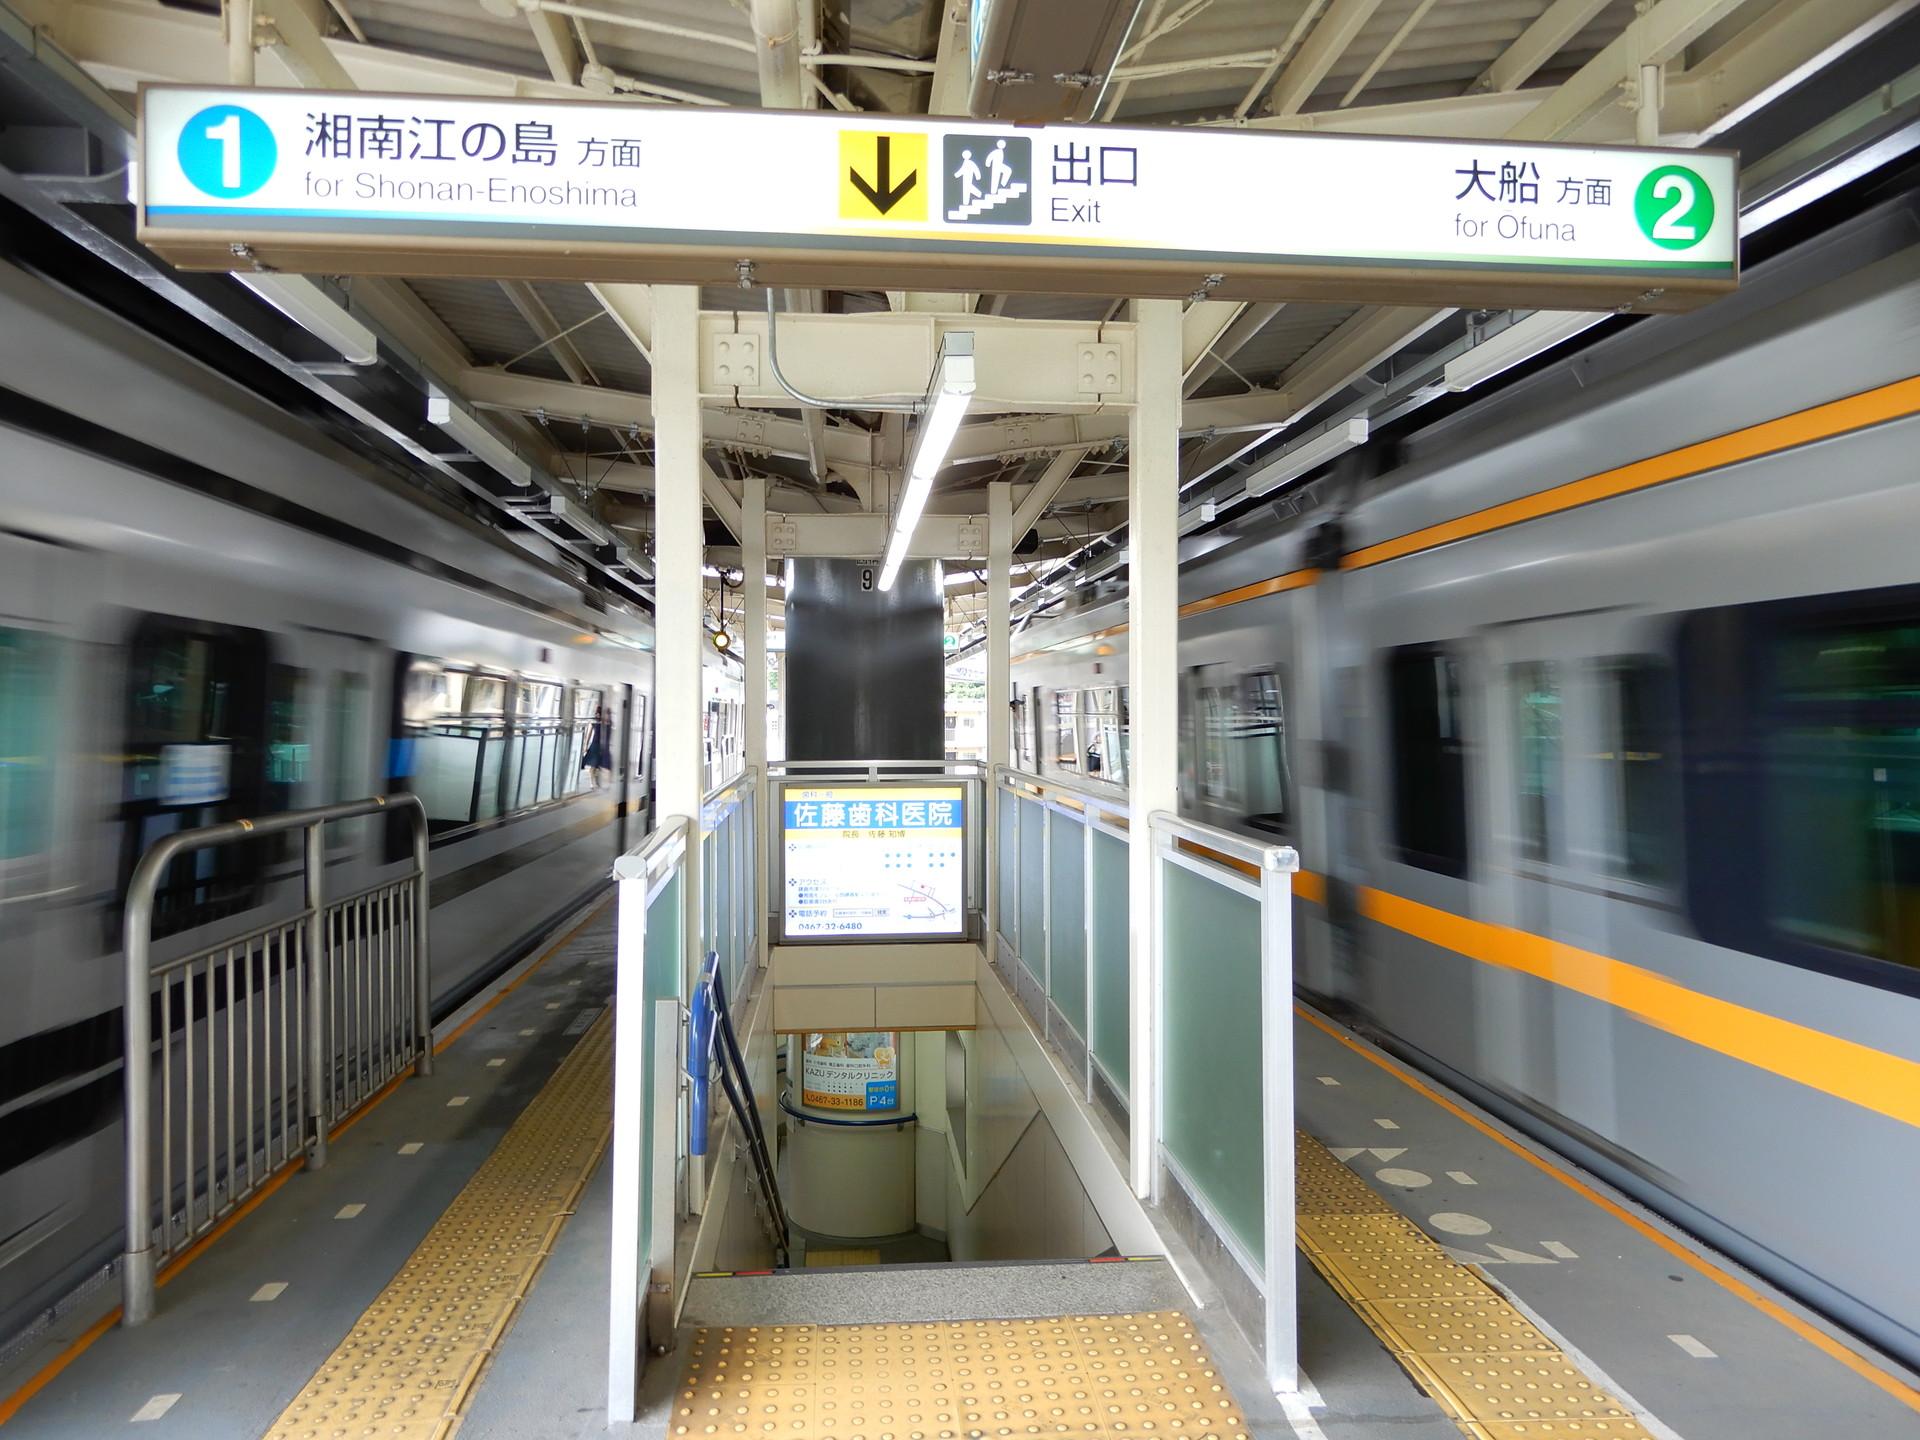 西鎌倉駅のサイン